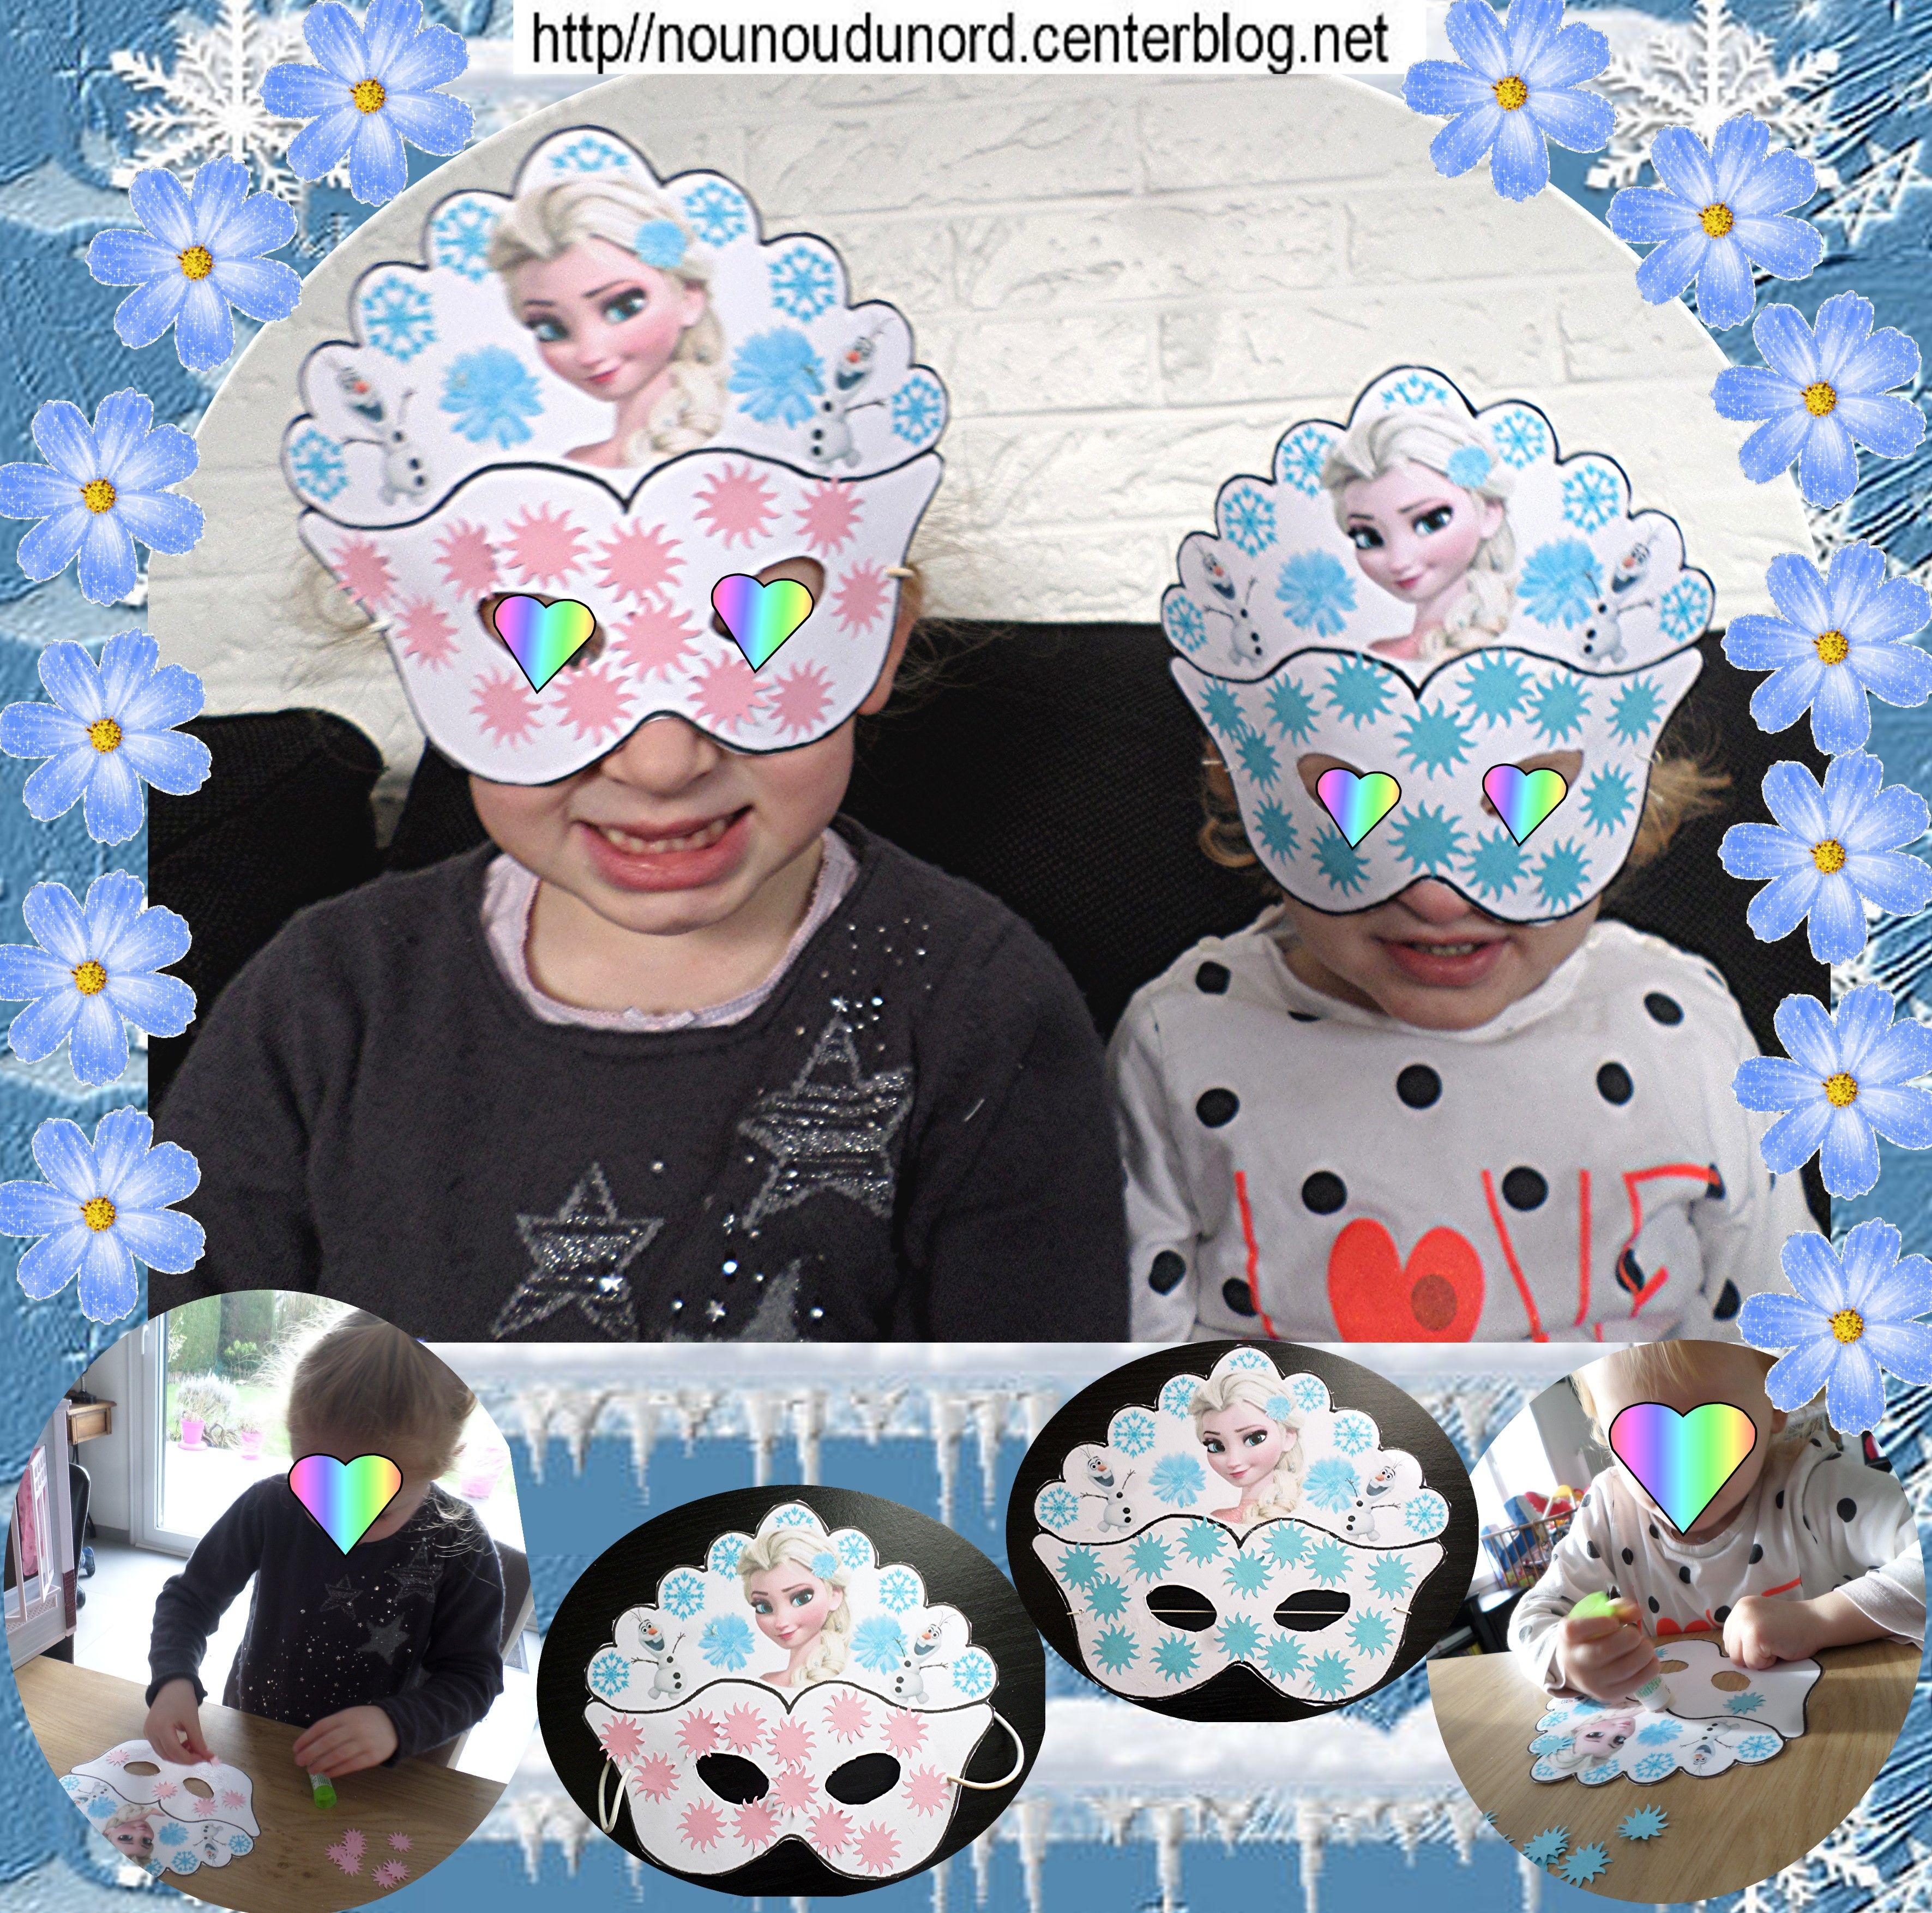 Mes 2 princesses avec leur masque de la reine des neiges | Reine des neiges, Masque et Reine